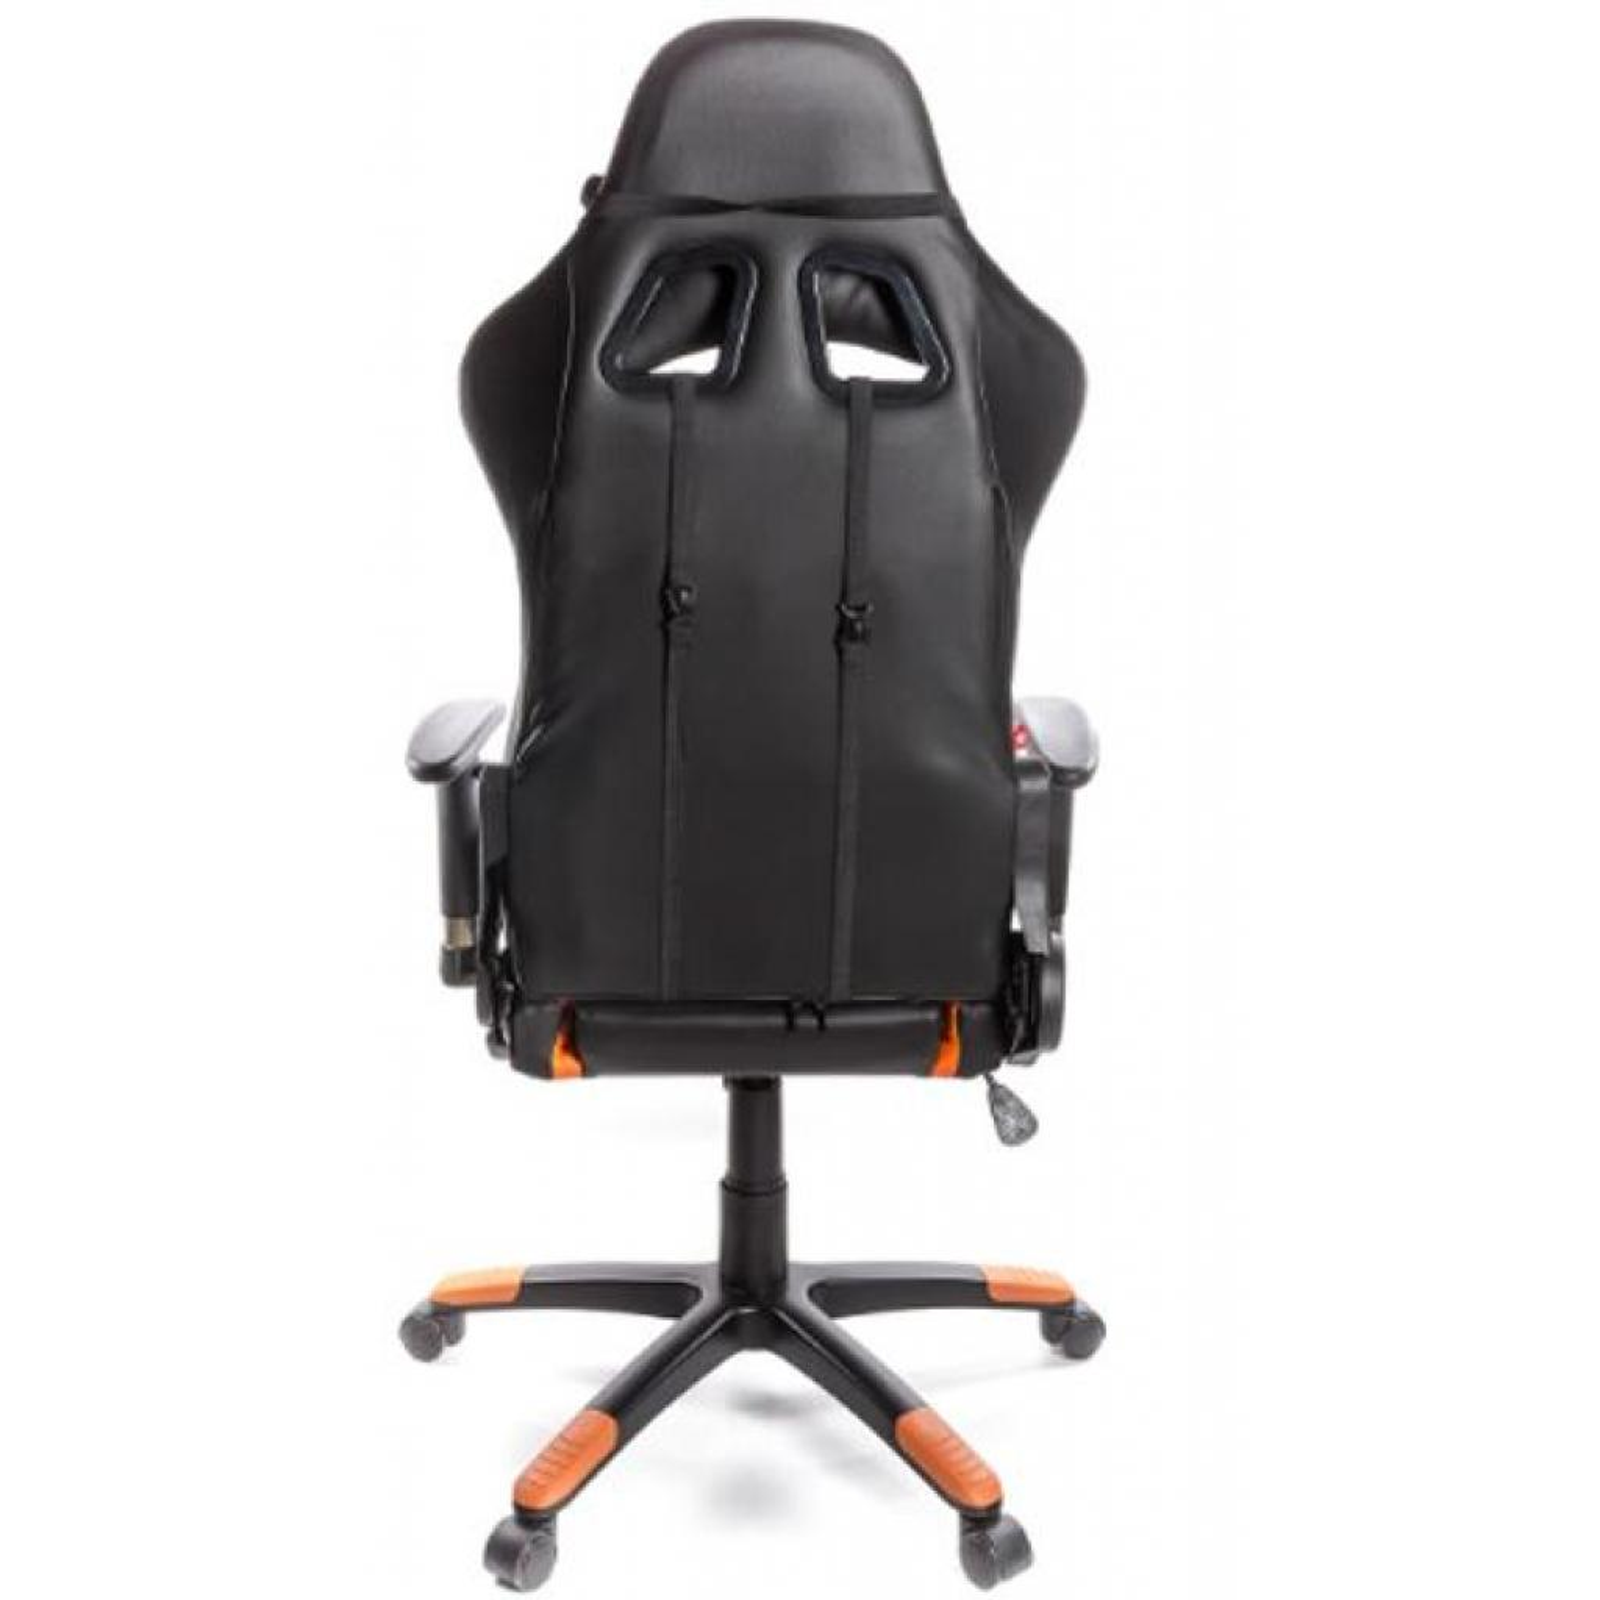 Кресло игровое АКЛАС Хорнет PL RL Оранжевое (06155) изображение 4